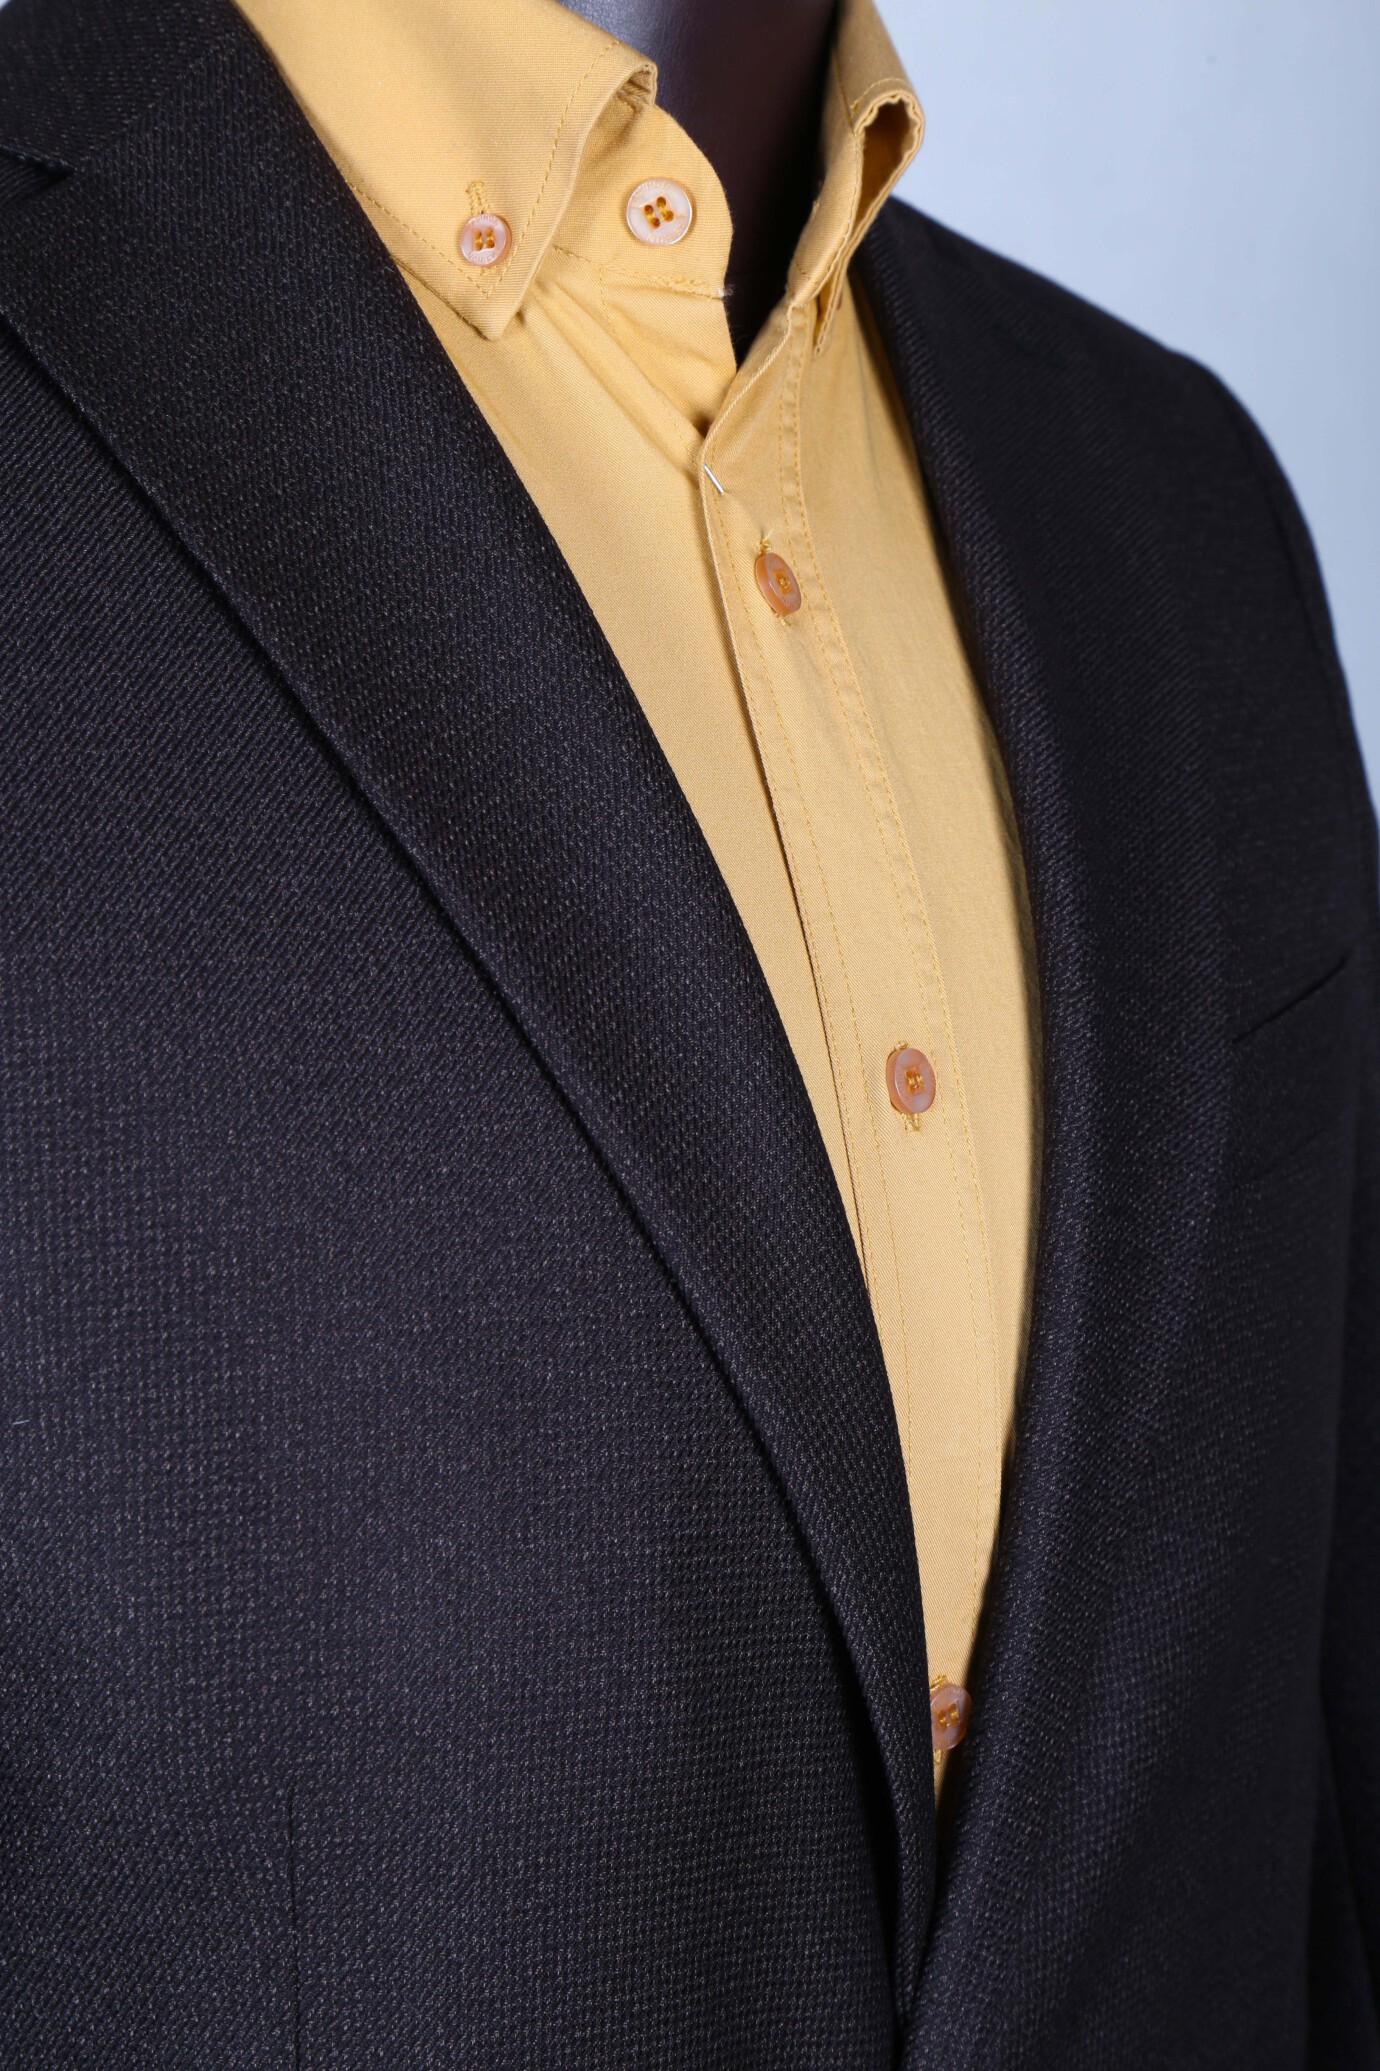 کت تک جودون لومنز تولید شده توسط لومنز